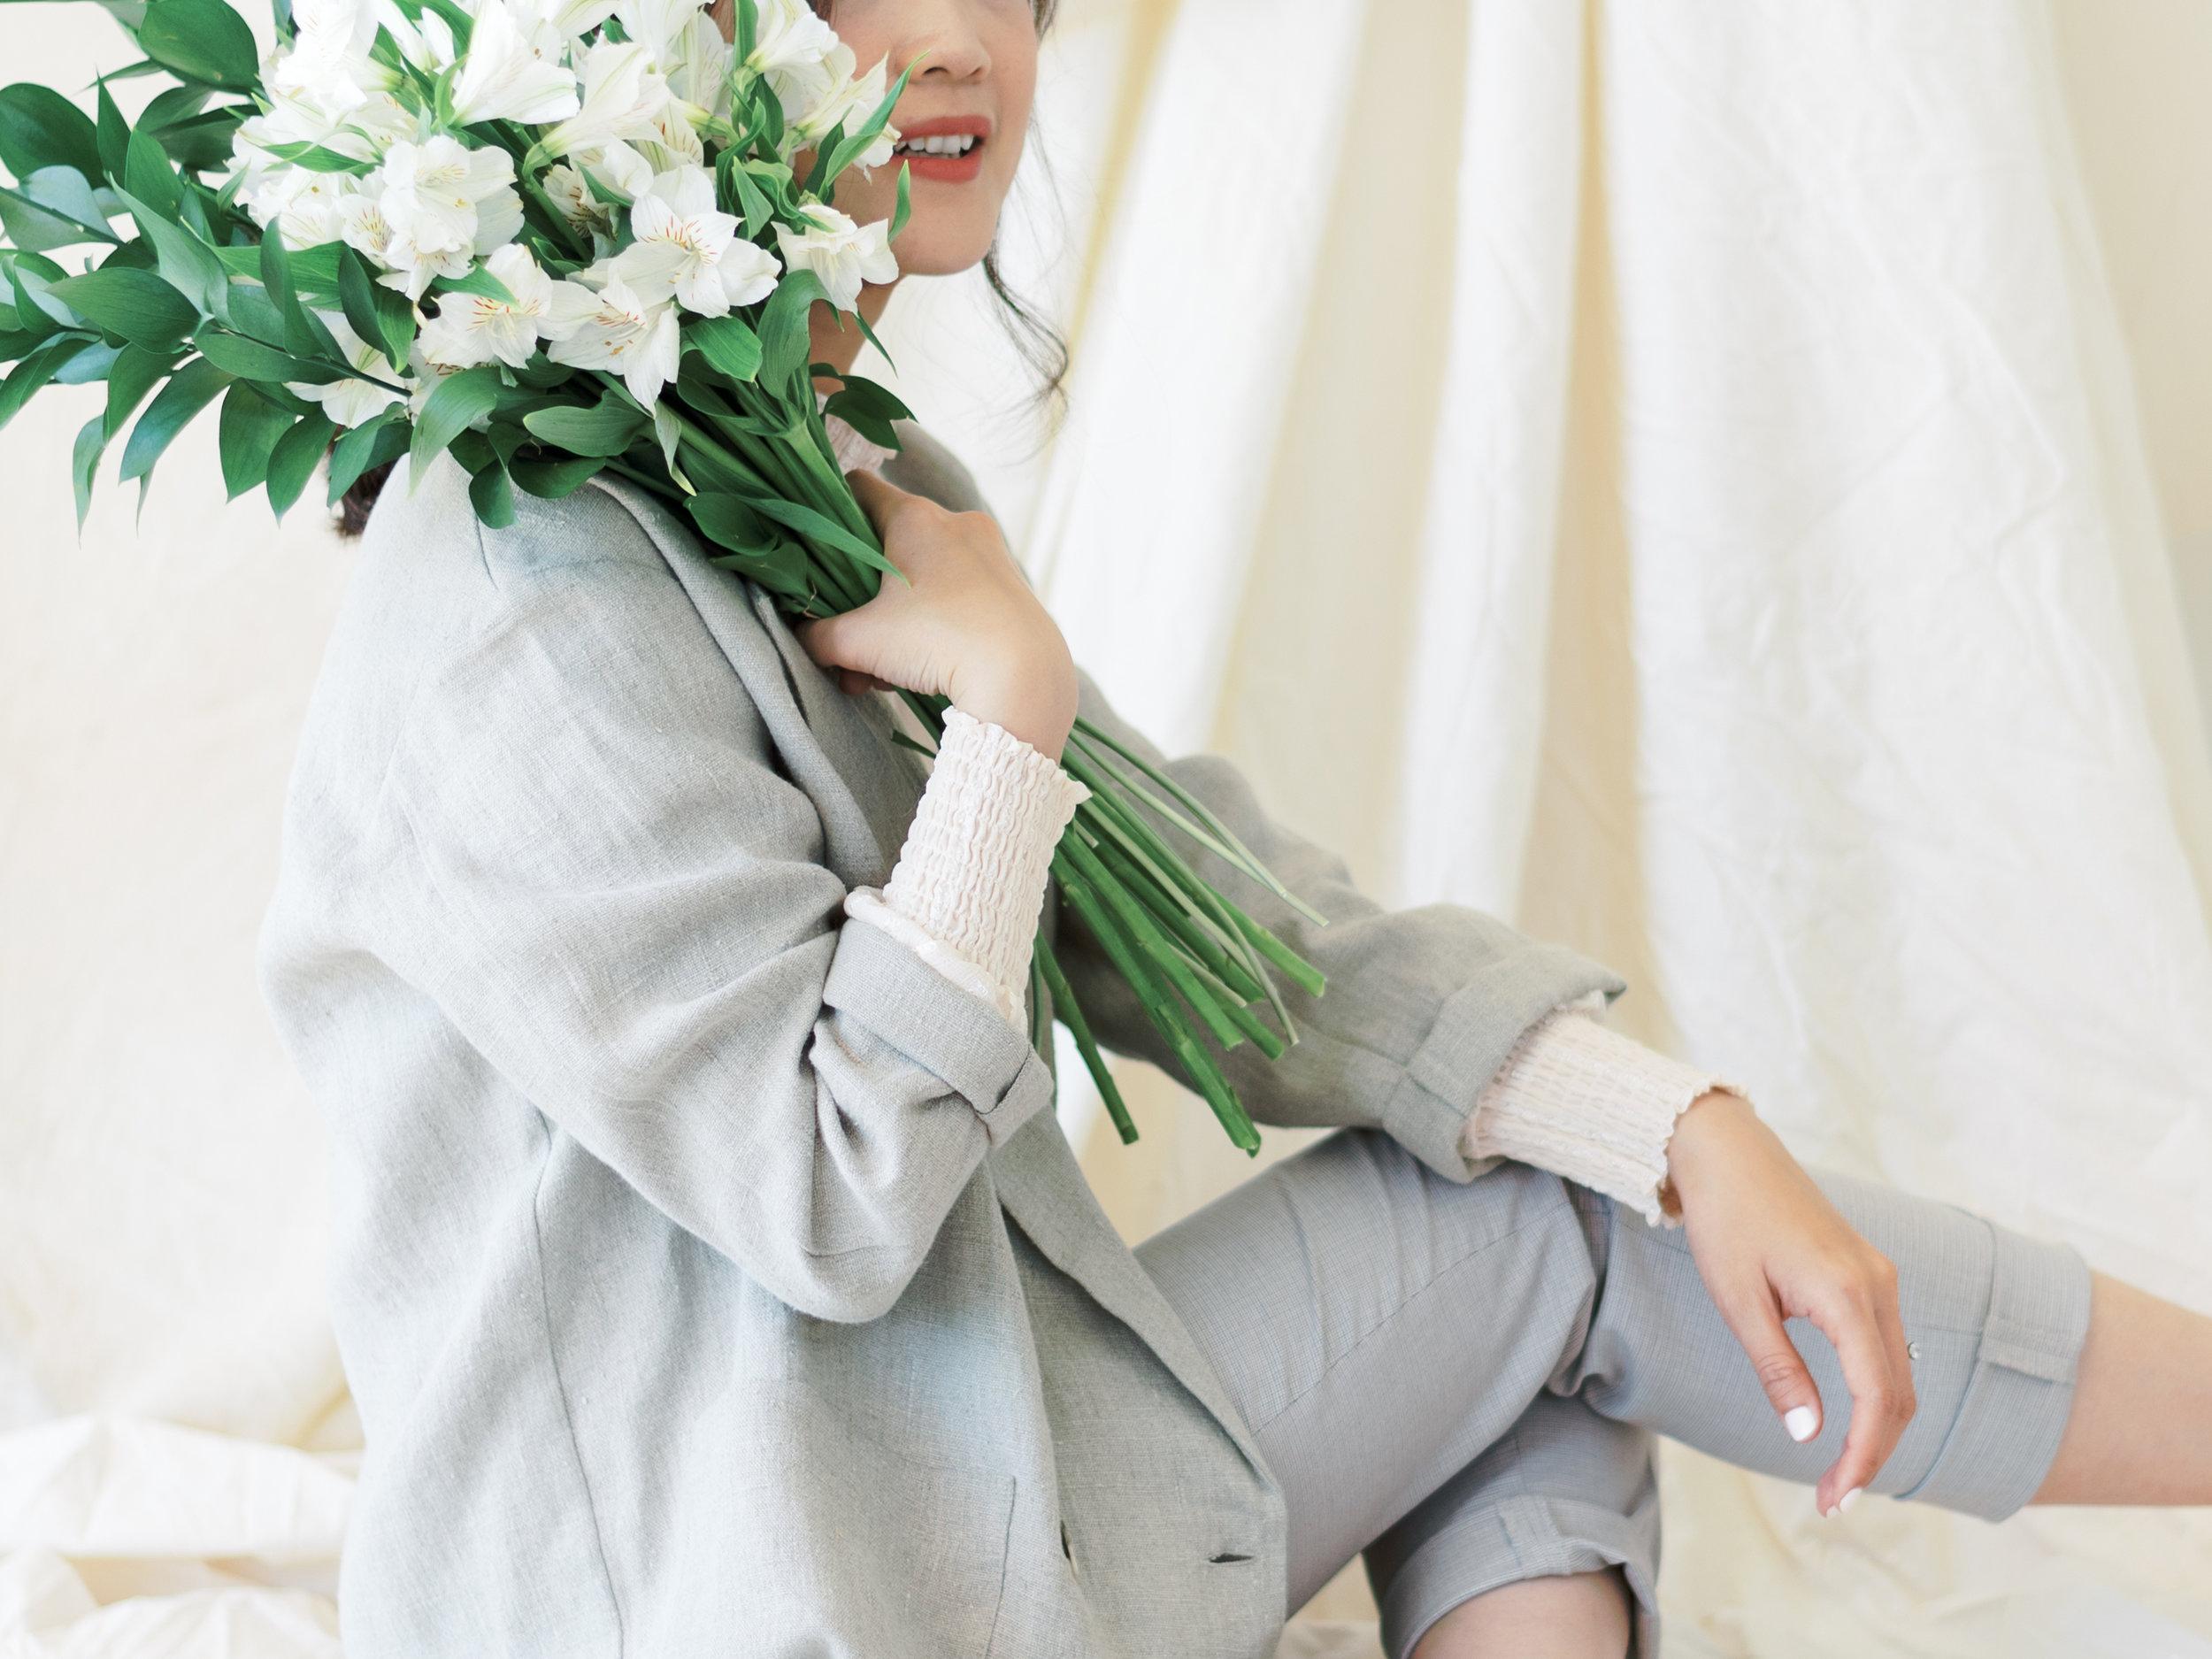 olea-and-fig-blooming-wed-brand-shoot-131.jpg